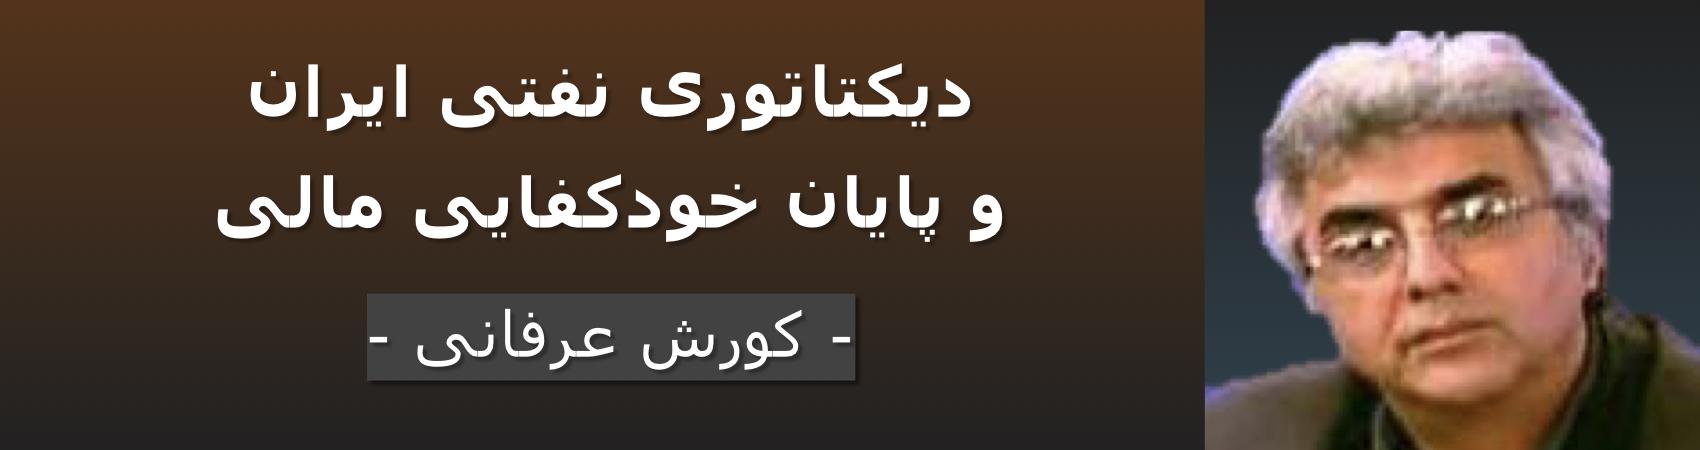 دیکتاتوری نفتی ایران و پایان خودکفایی مالی